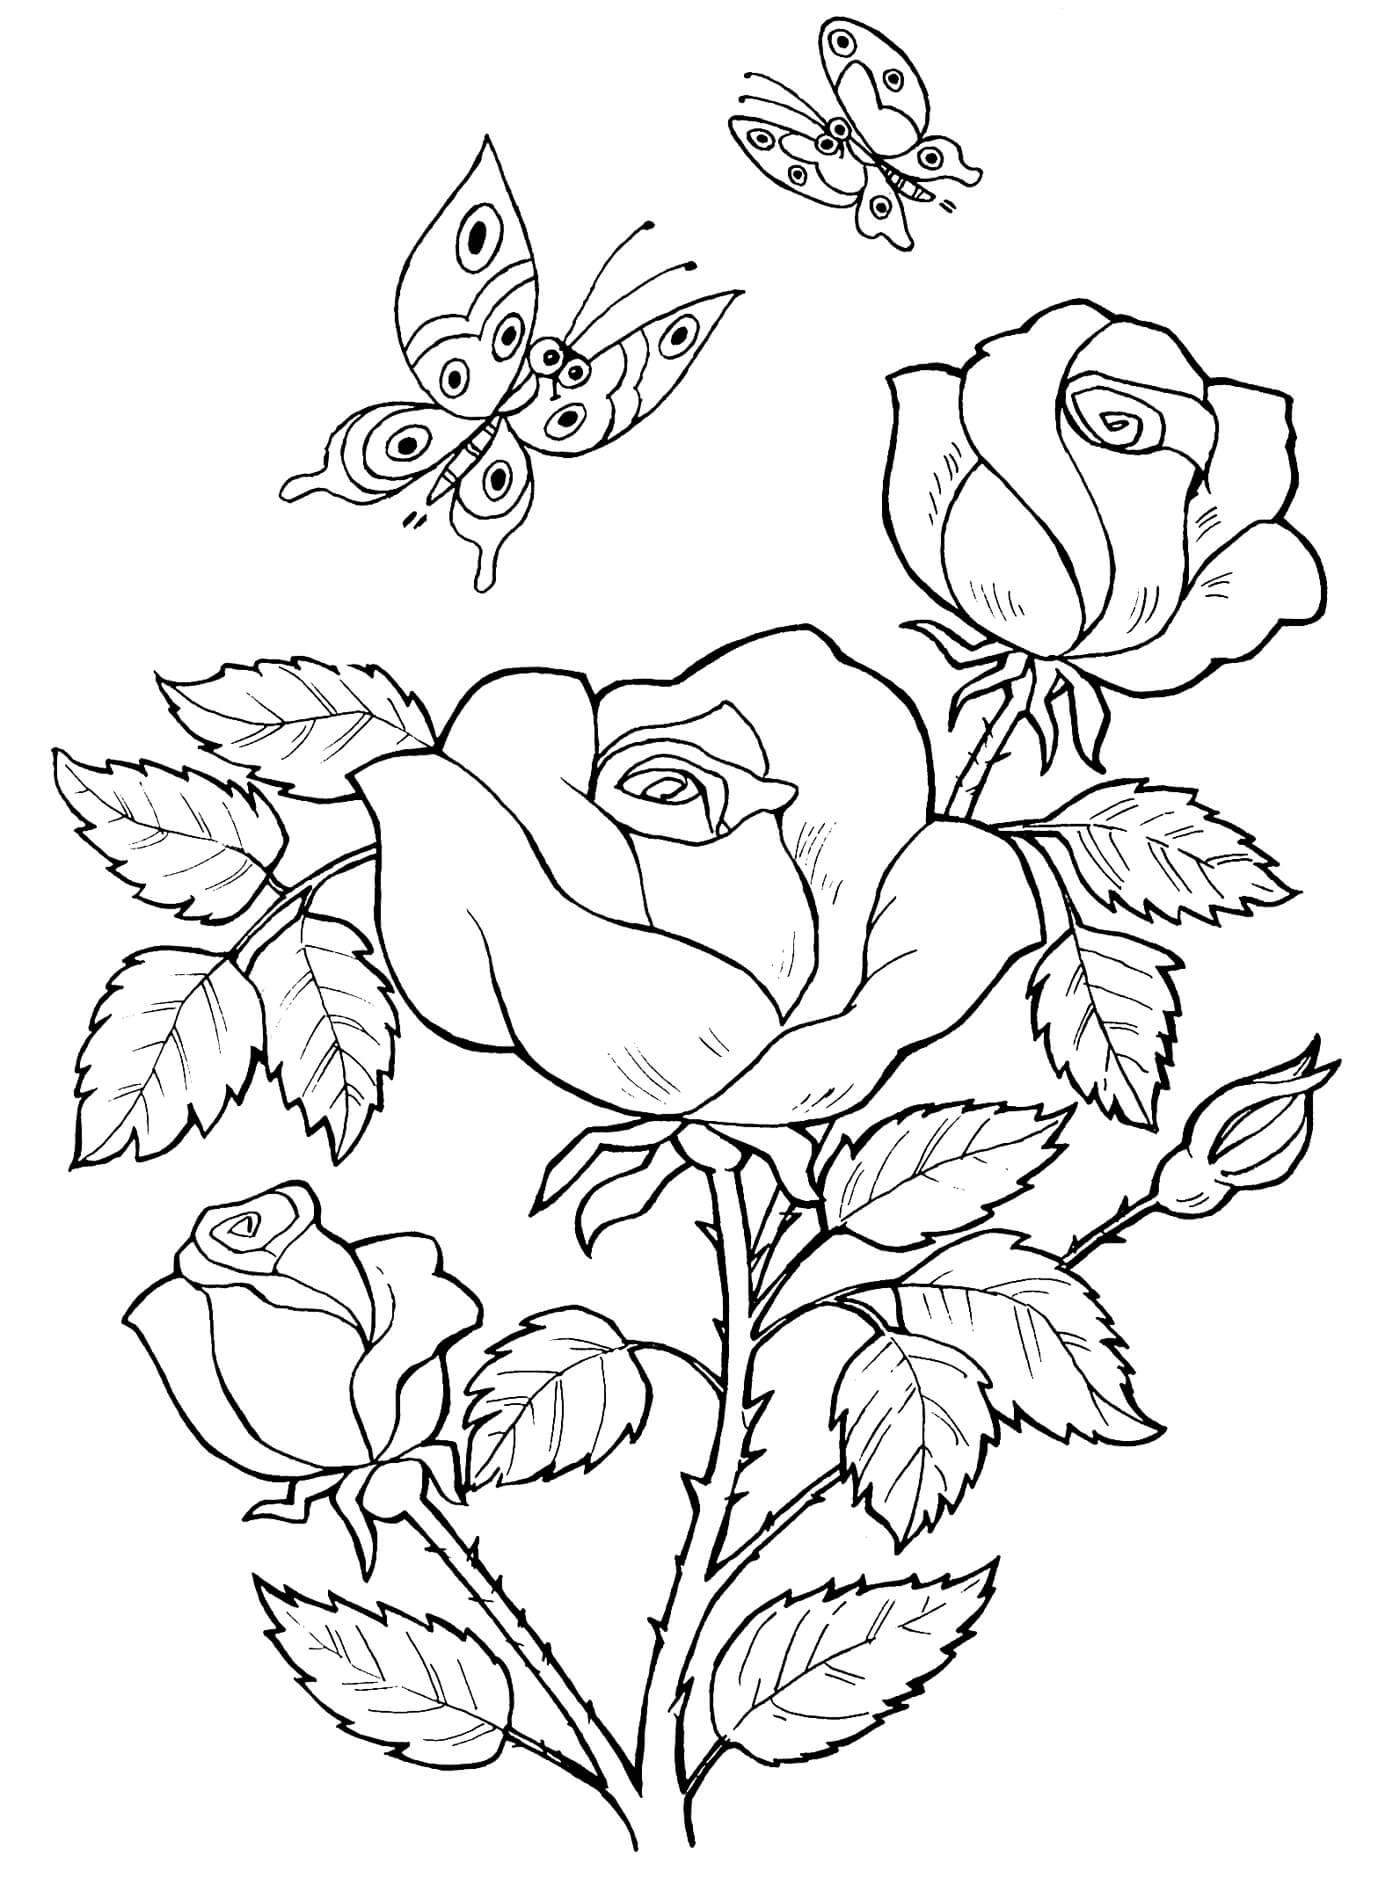 Картинки для раскраски с днем рождения цветы